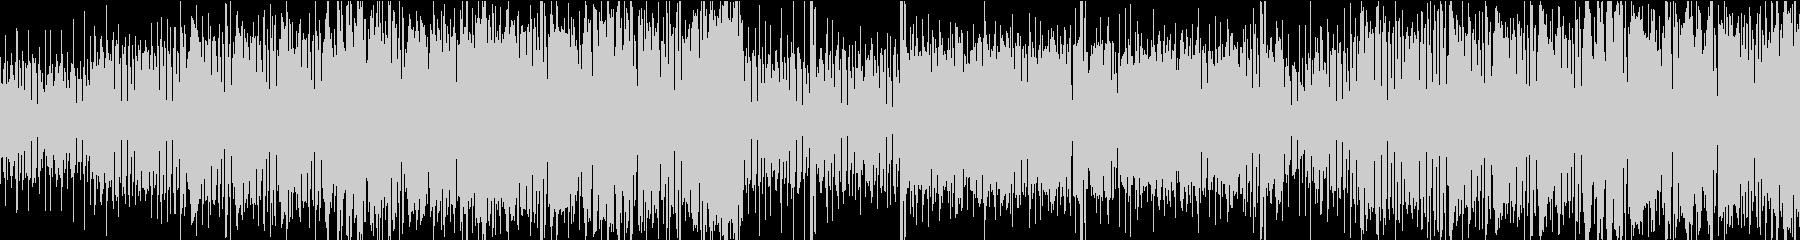 ループ仕様ファンキーなBGMの未再生の波形